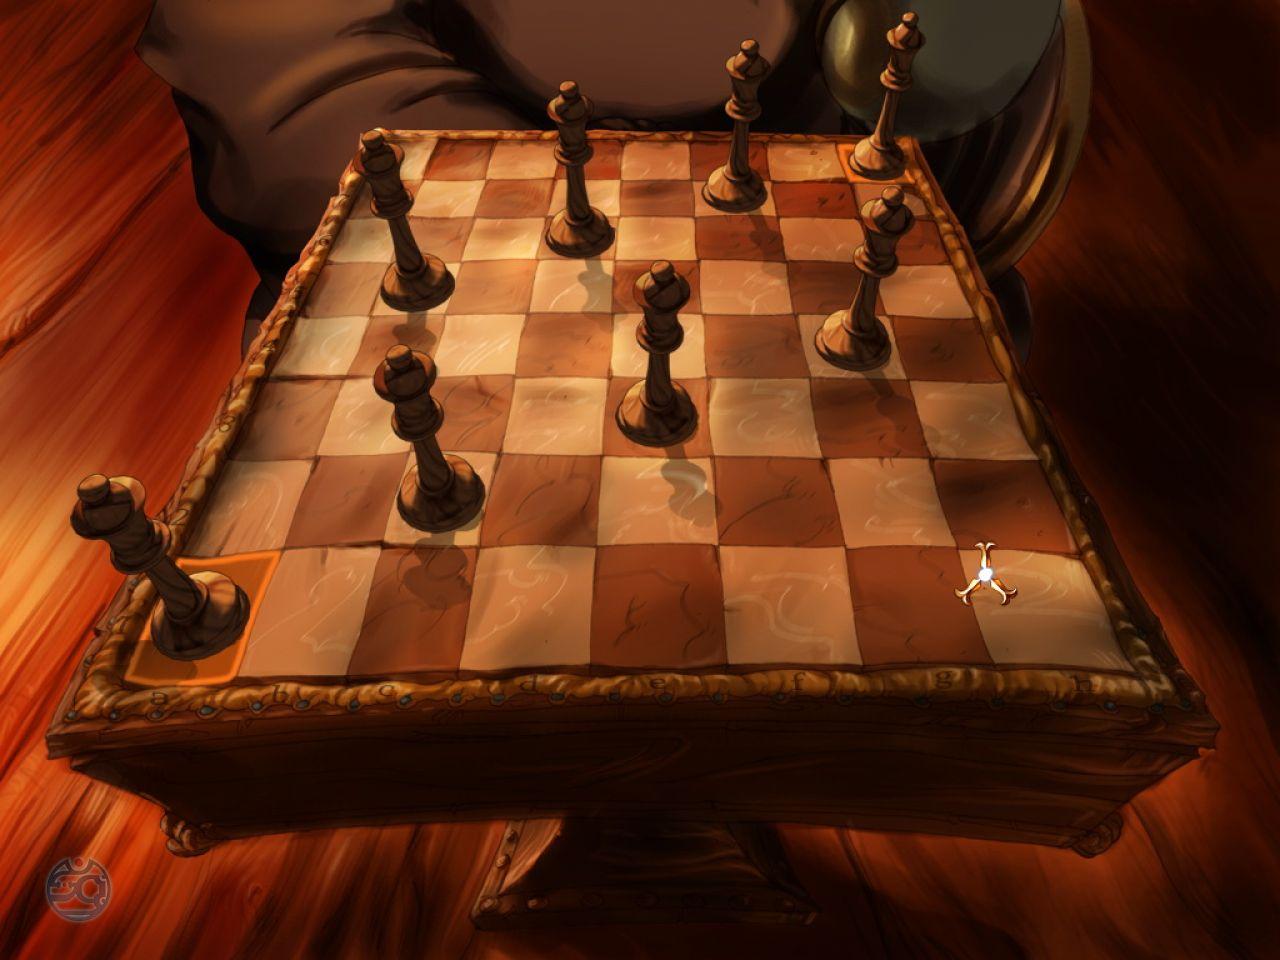 Один из вариантов расстановки на шахматной доске восьми ферзей, при котором эти фигуры не могут угрожать друг другу